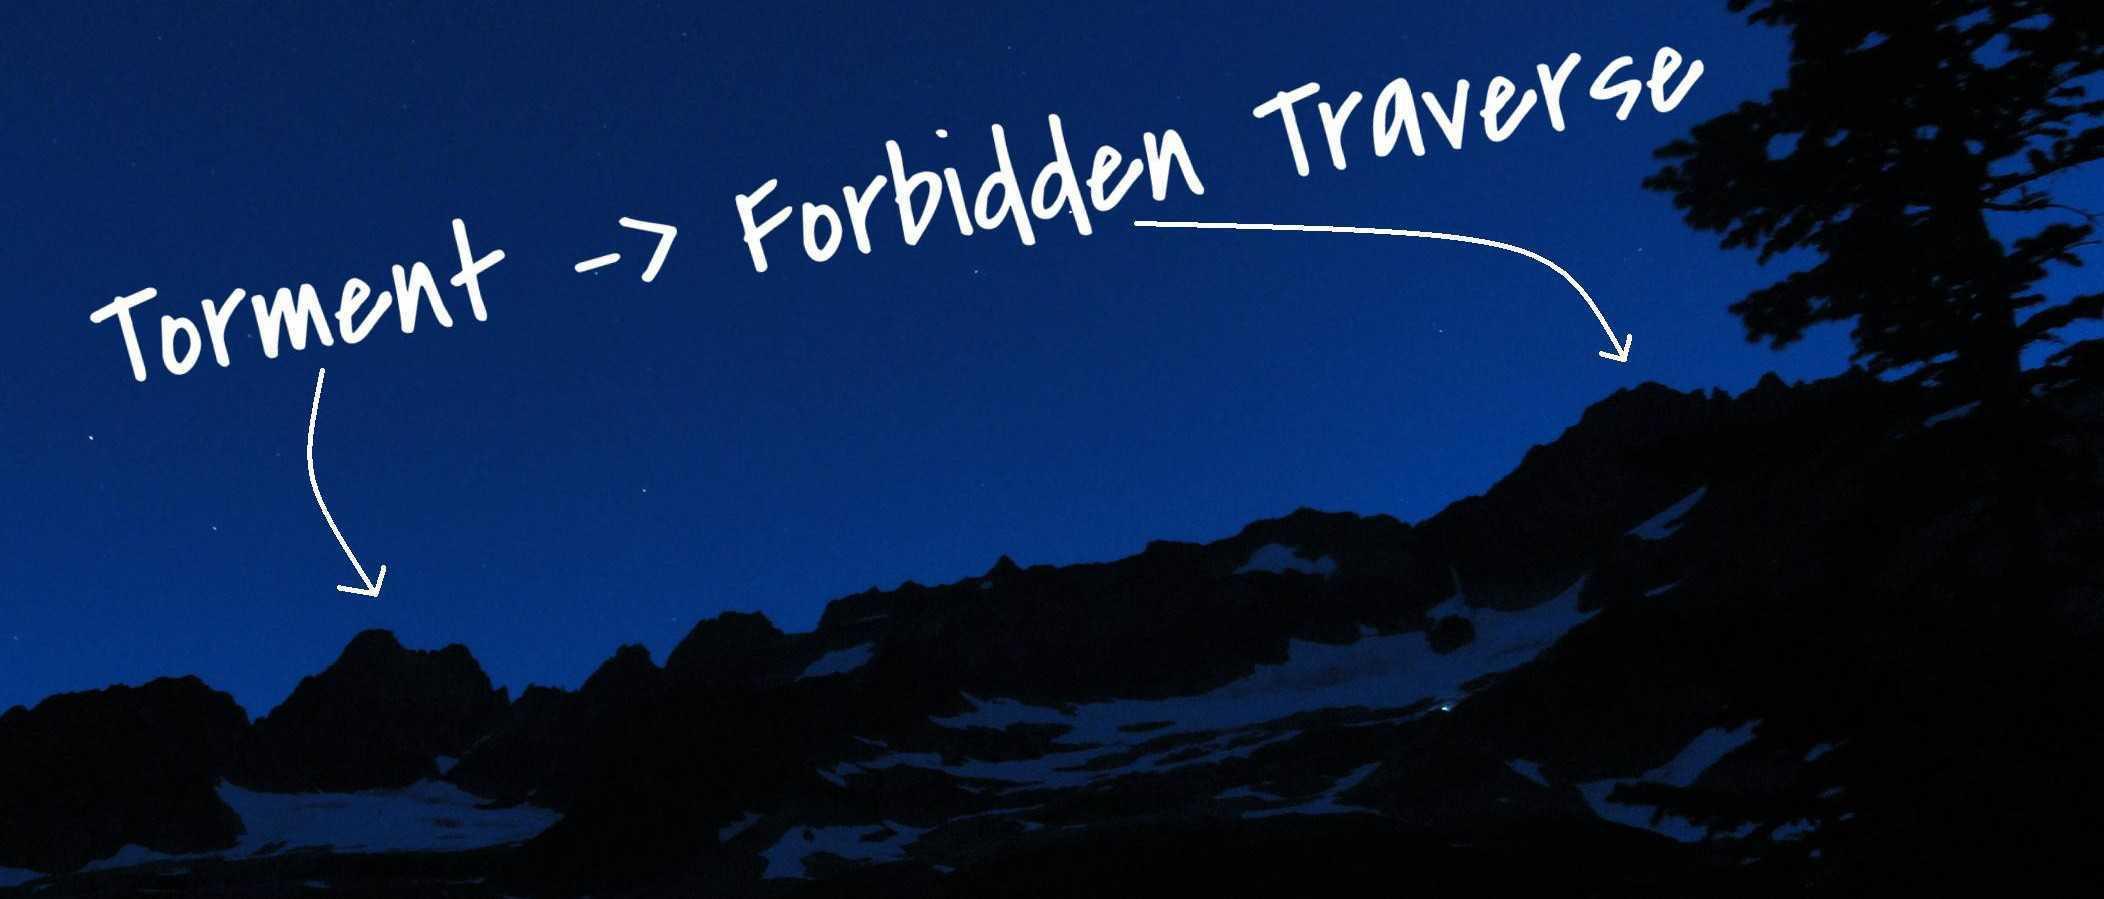 Torment-Forbidden Traverse